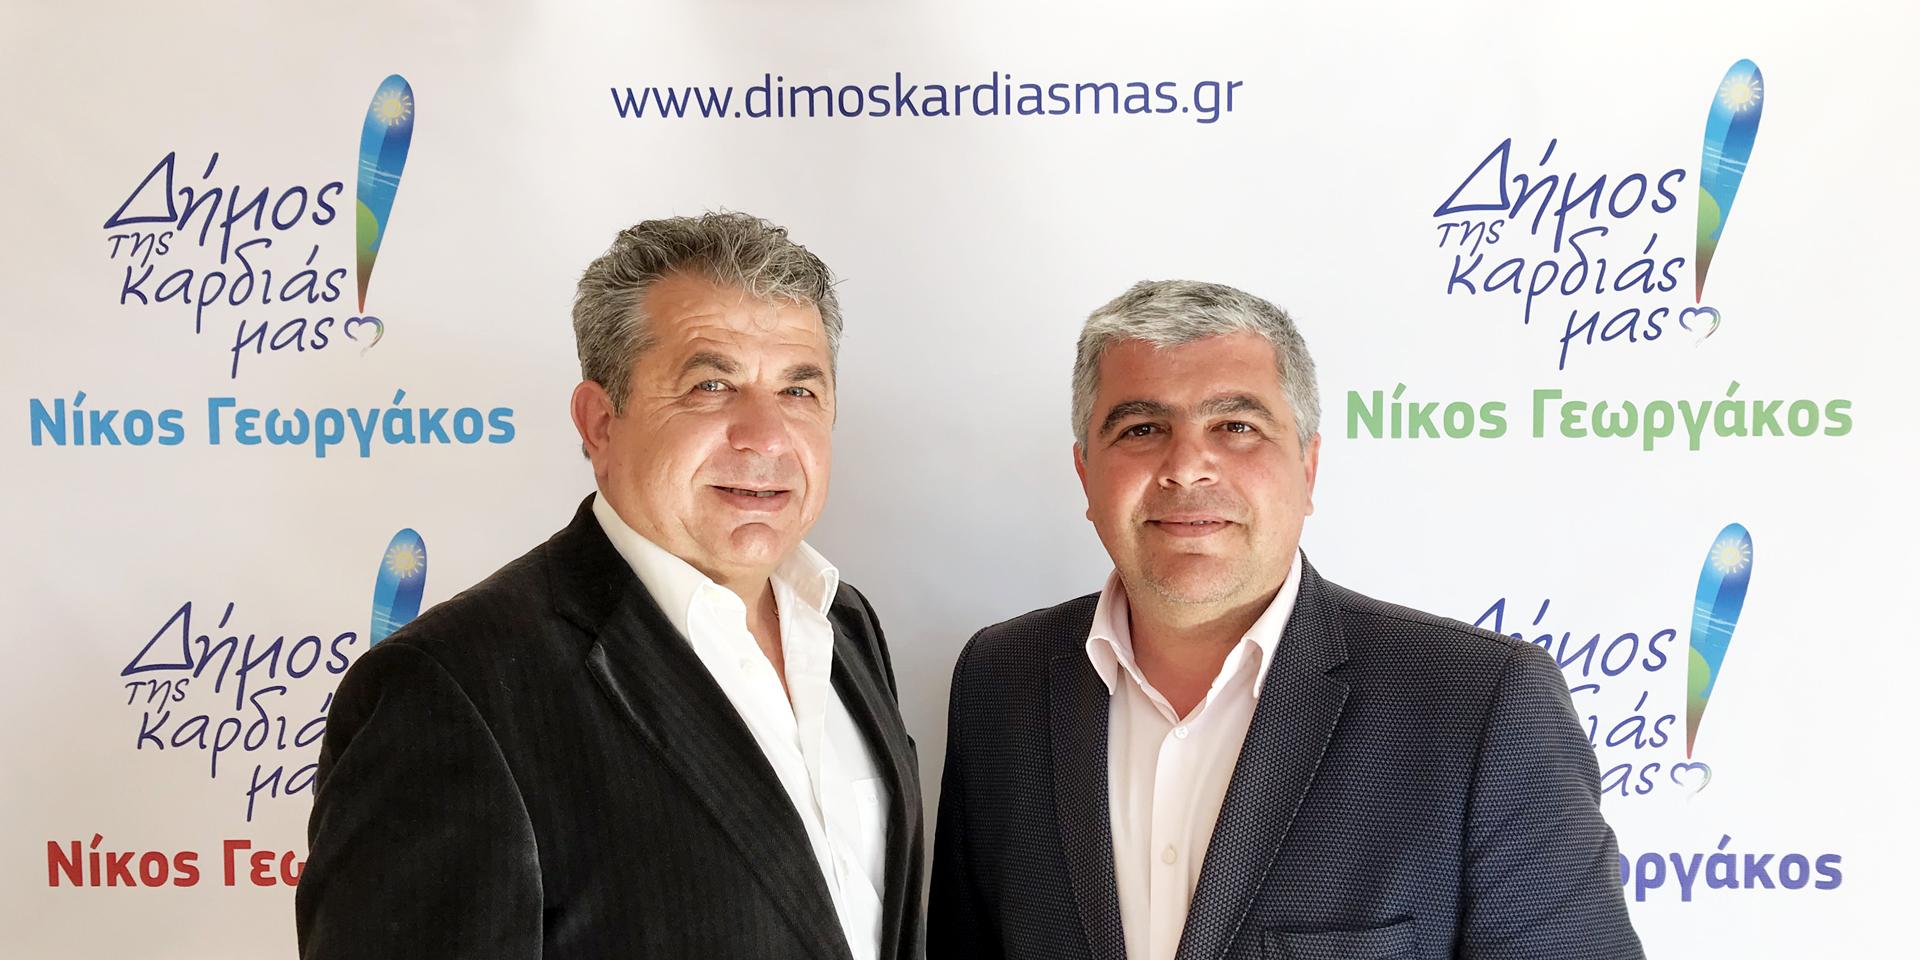 ΔΕΛΤΙΟ ΤΥΠΟΥ :  Ο ανεξάρτητος δημοτικός σύμβουλος Κώστας Κατέρης στο συνδυασμό του Νίκου Γεωργάκου «ΔΗΜΟΣ ΤΗΣ ΚΑΡΔΙΑΣ ΜΑΣ!»